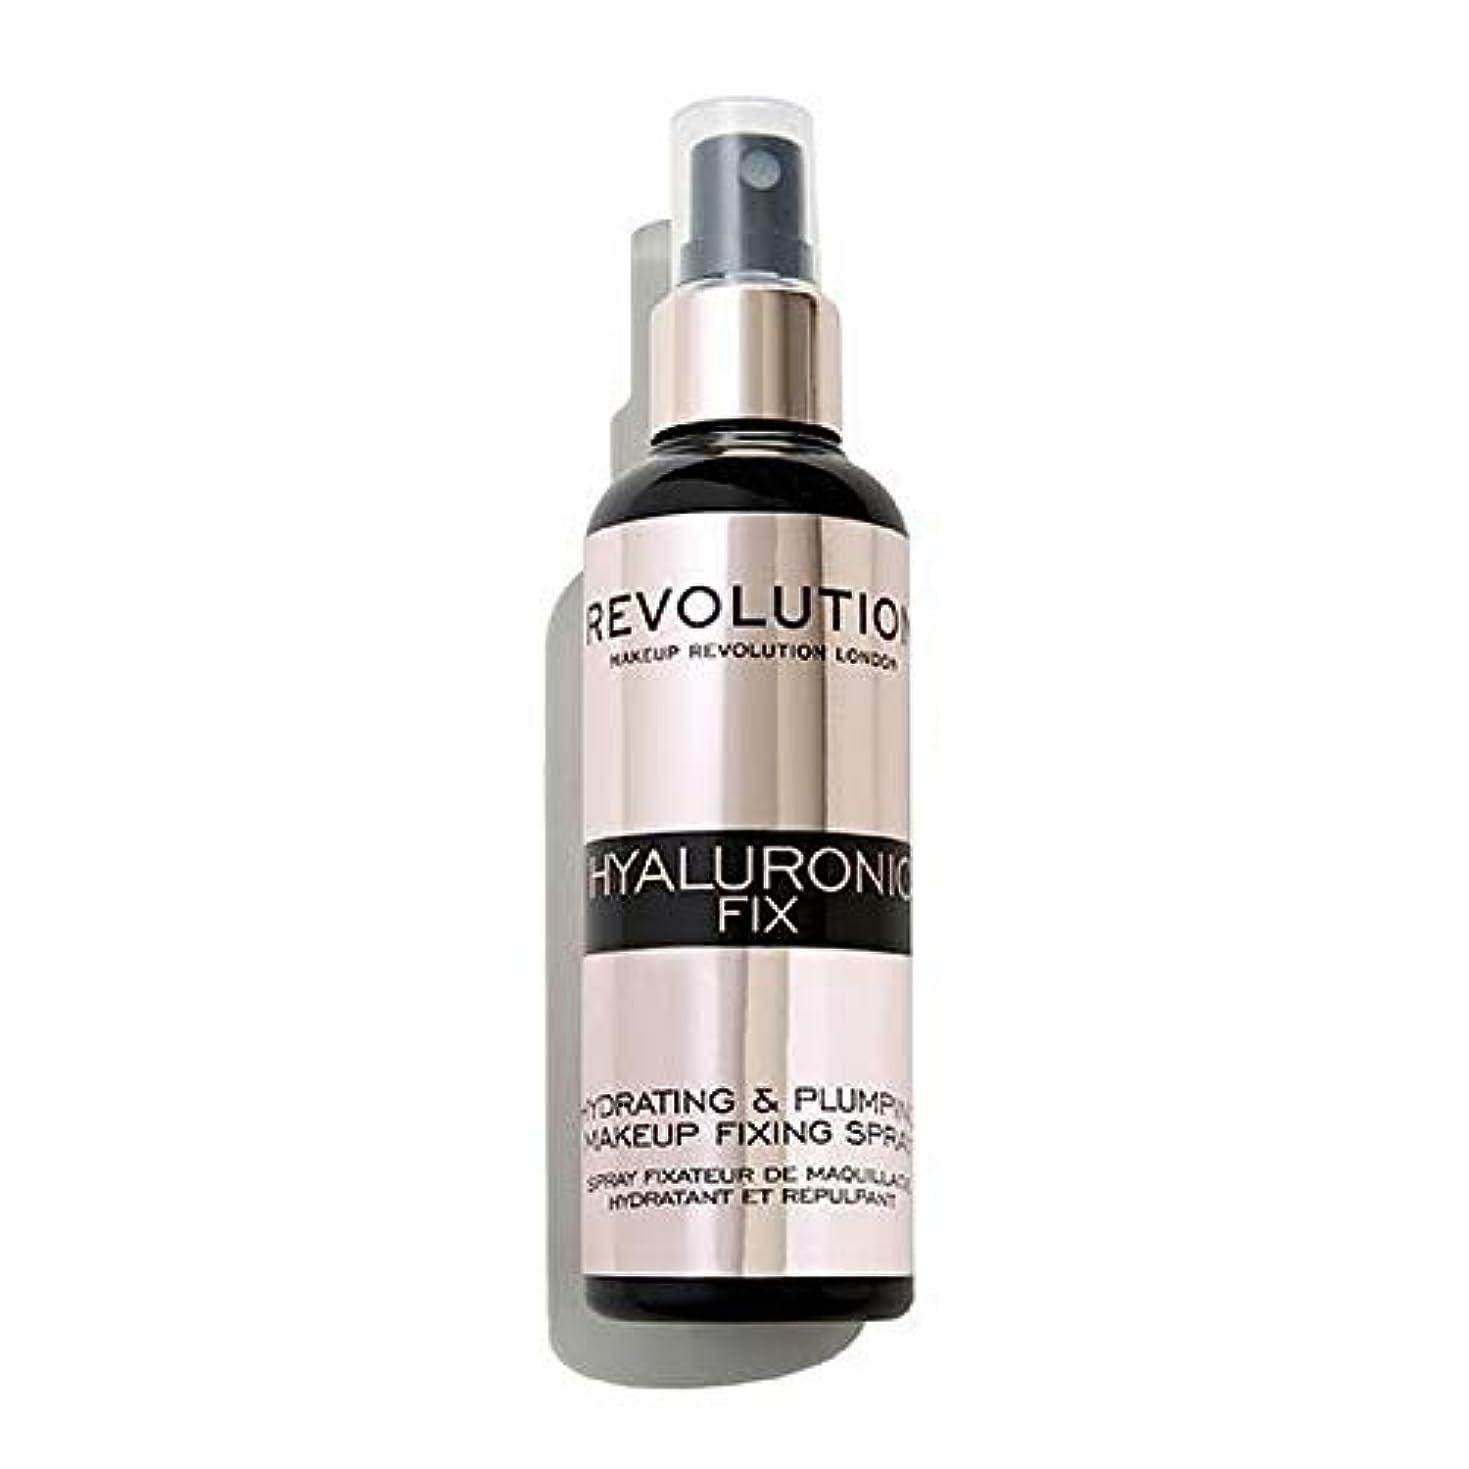 アルネミシン通り抜ける[Revolution ] 化粧革命ヒアルロン固定スプレー - Makeup Revolution Hyaluronic Fixing Spray [並行輸入品]